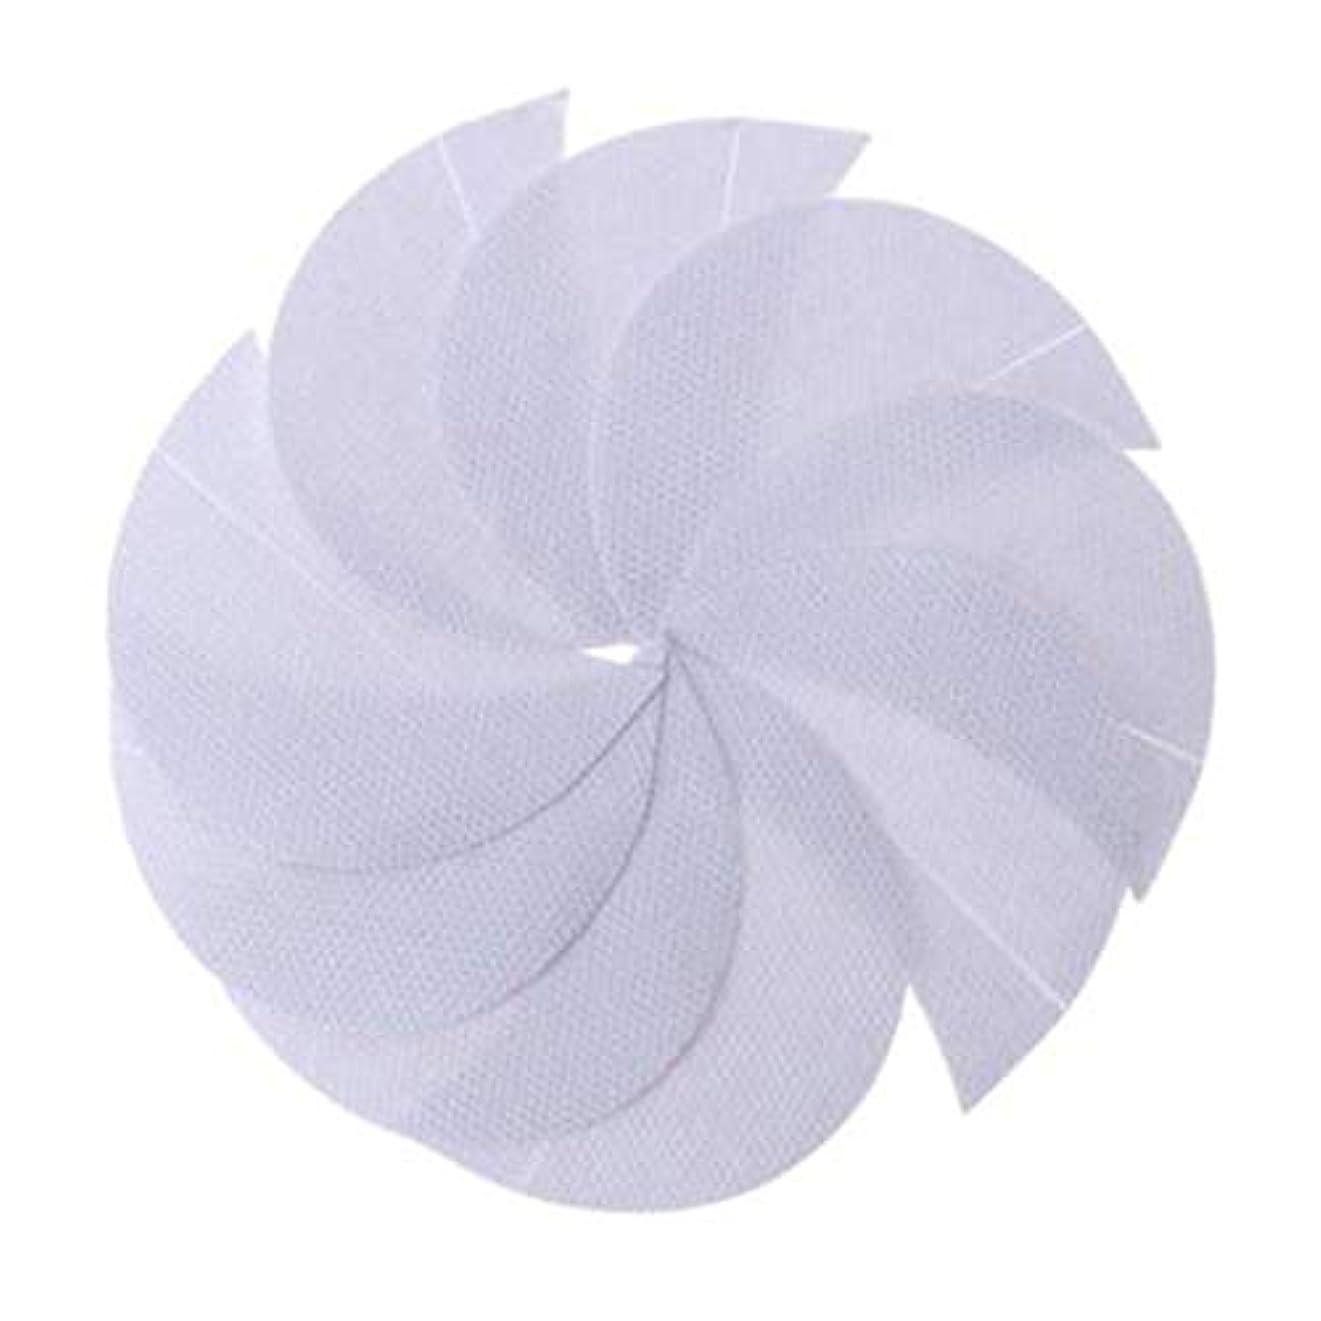 永遠に時計回り目的Rabugogo 100個/袋不織布アイシャドーシールドアイシャドージェルパッドパッチアイシャドーステンシル防止まつげエクステ化粧品残留物